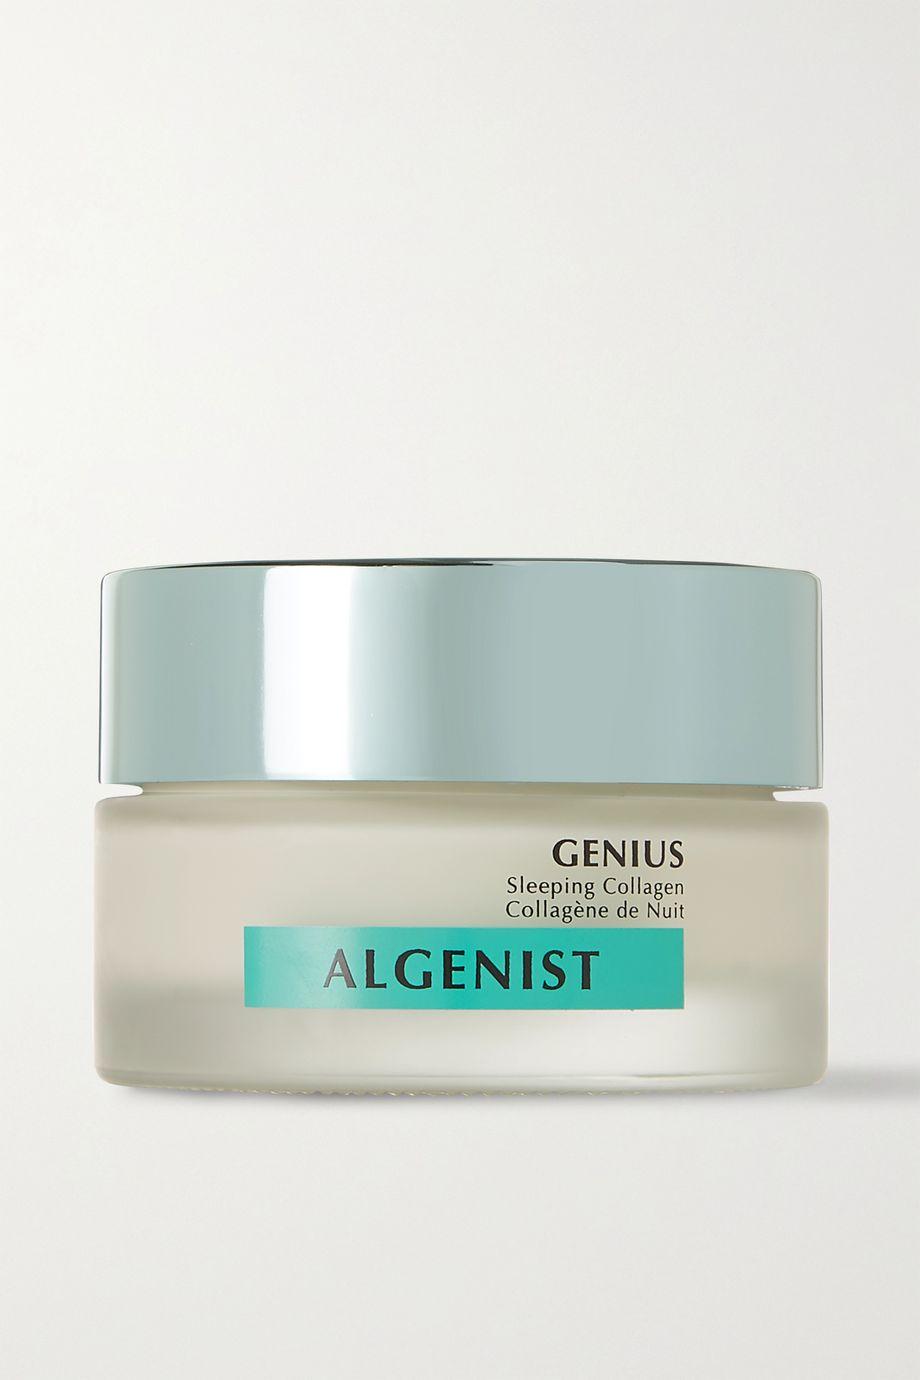 Algenist Genius Sleeping Collagen, 60ml